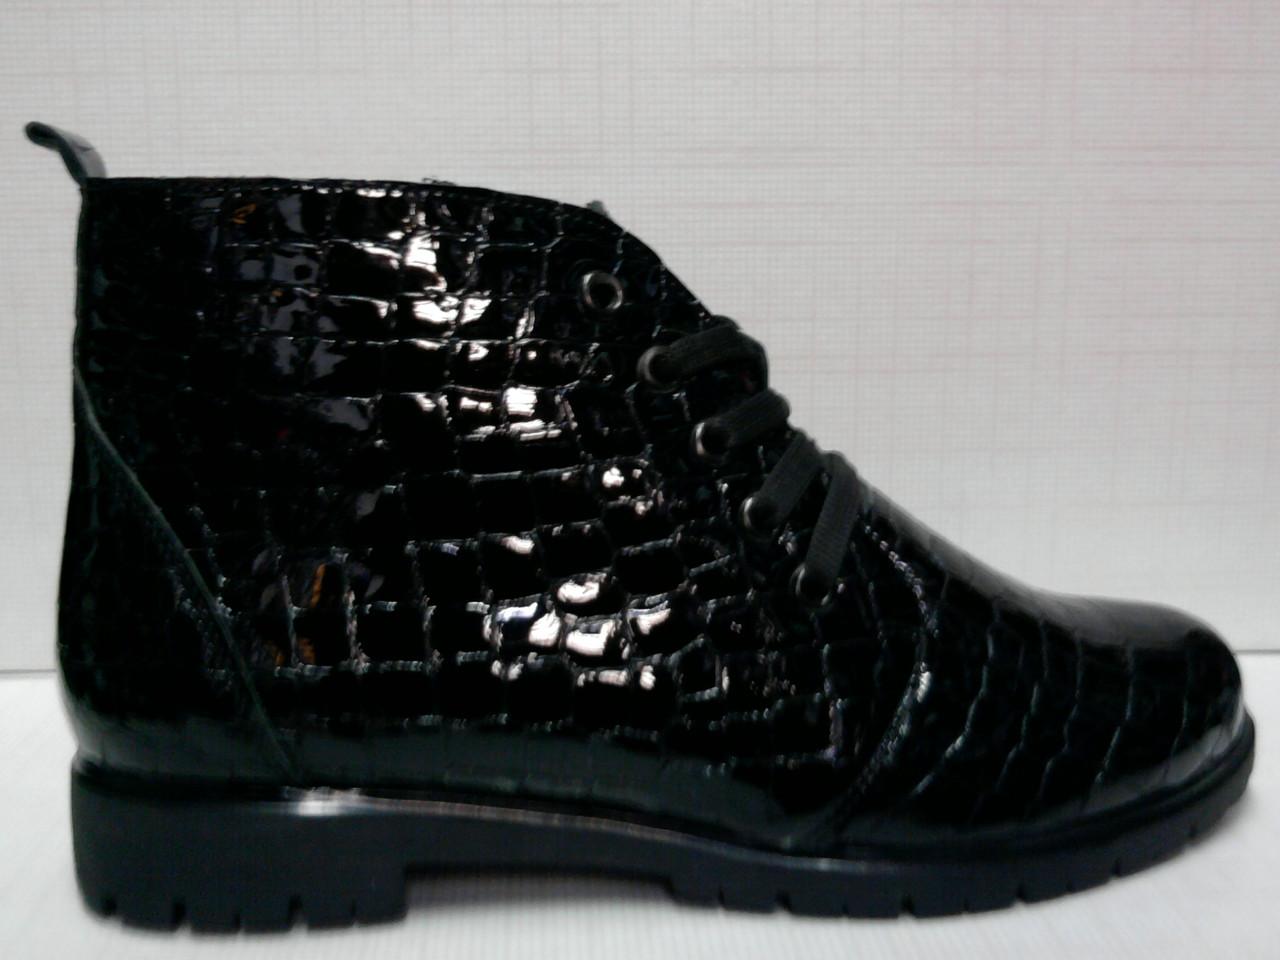 eb229a46603e Ботинки Grossi женские, лакированная кожа, черные - aleya comp в Ужгороде